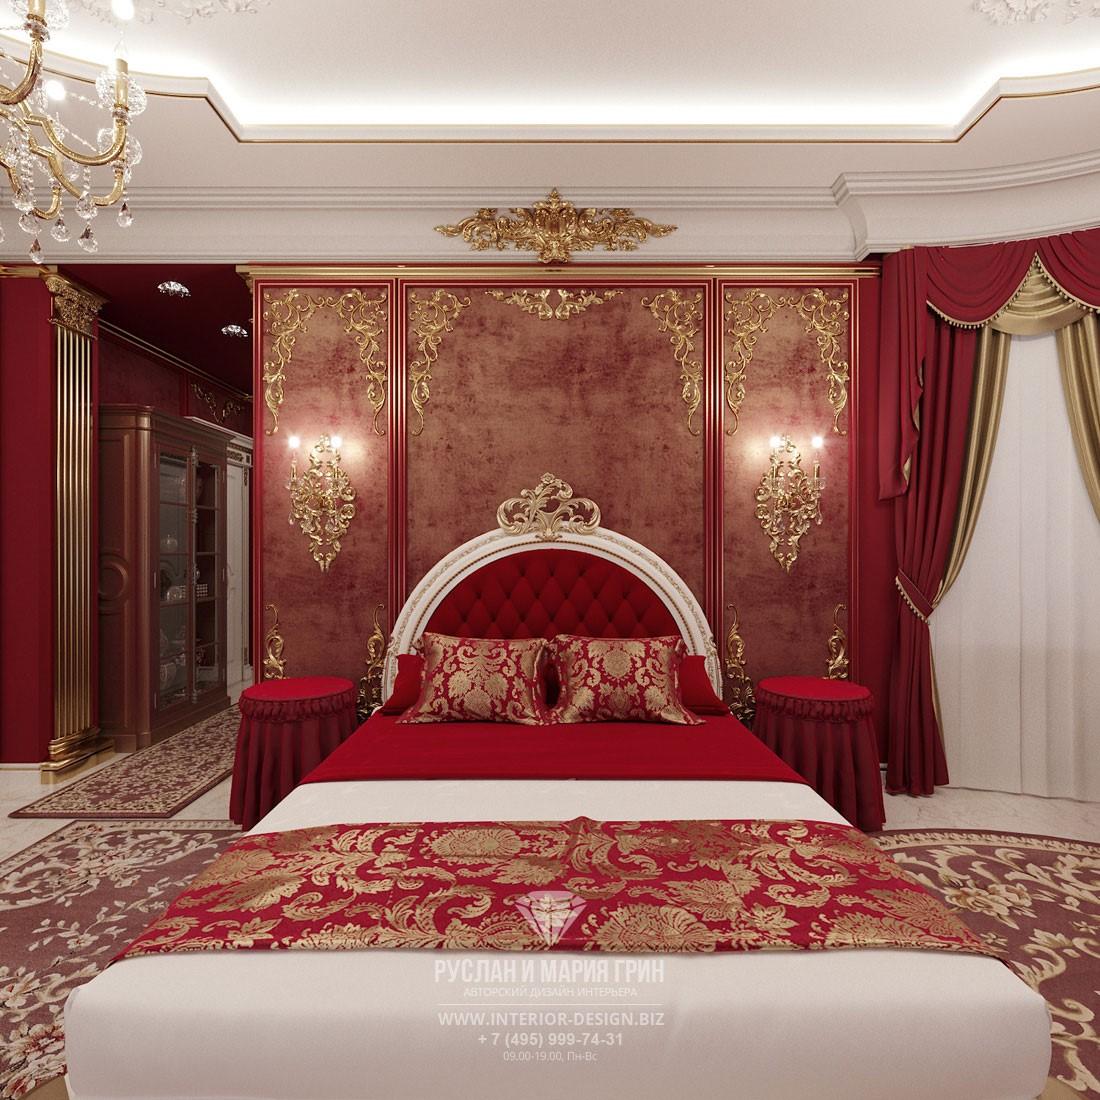 Дизайн дворцовой красной спальни с венецианской штукатуркой